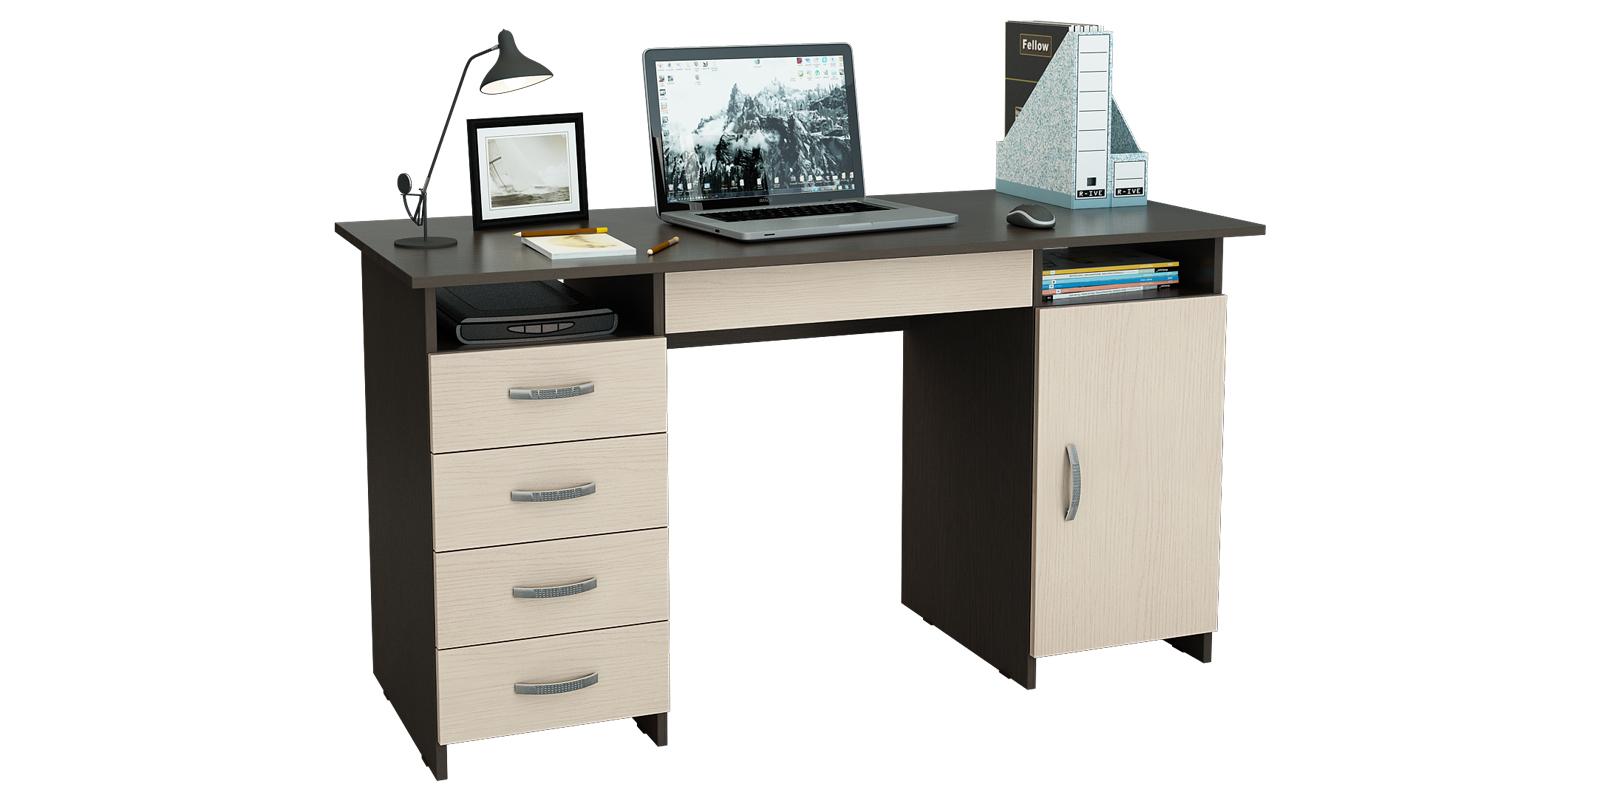 Письменный стол Харви вариант №5 (венге/дуб молочный)